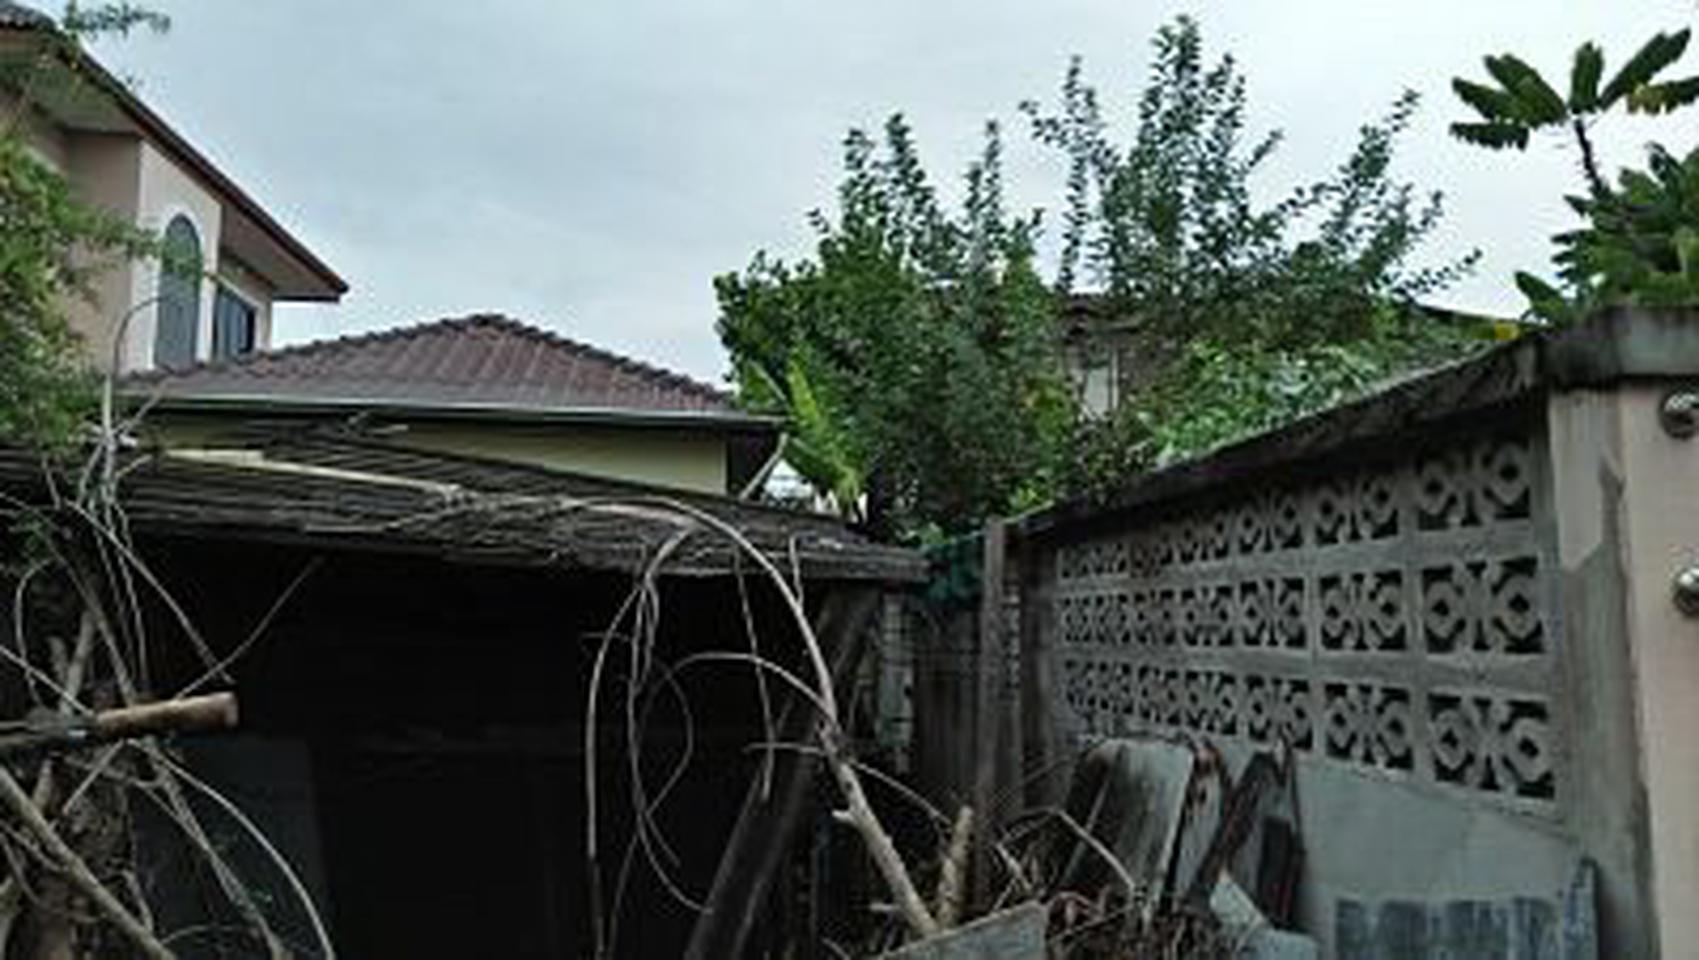 ขายที่ดินเปล่า 19 วาเหมาะปลูกบ้านหรือทำบ้านให้เช่า  วัดด่านส รูปที่ 6